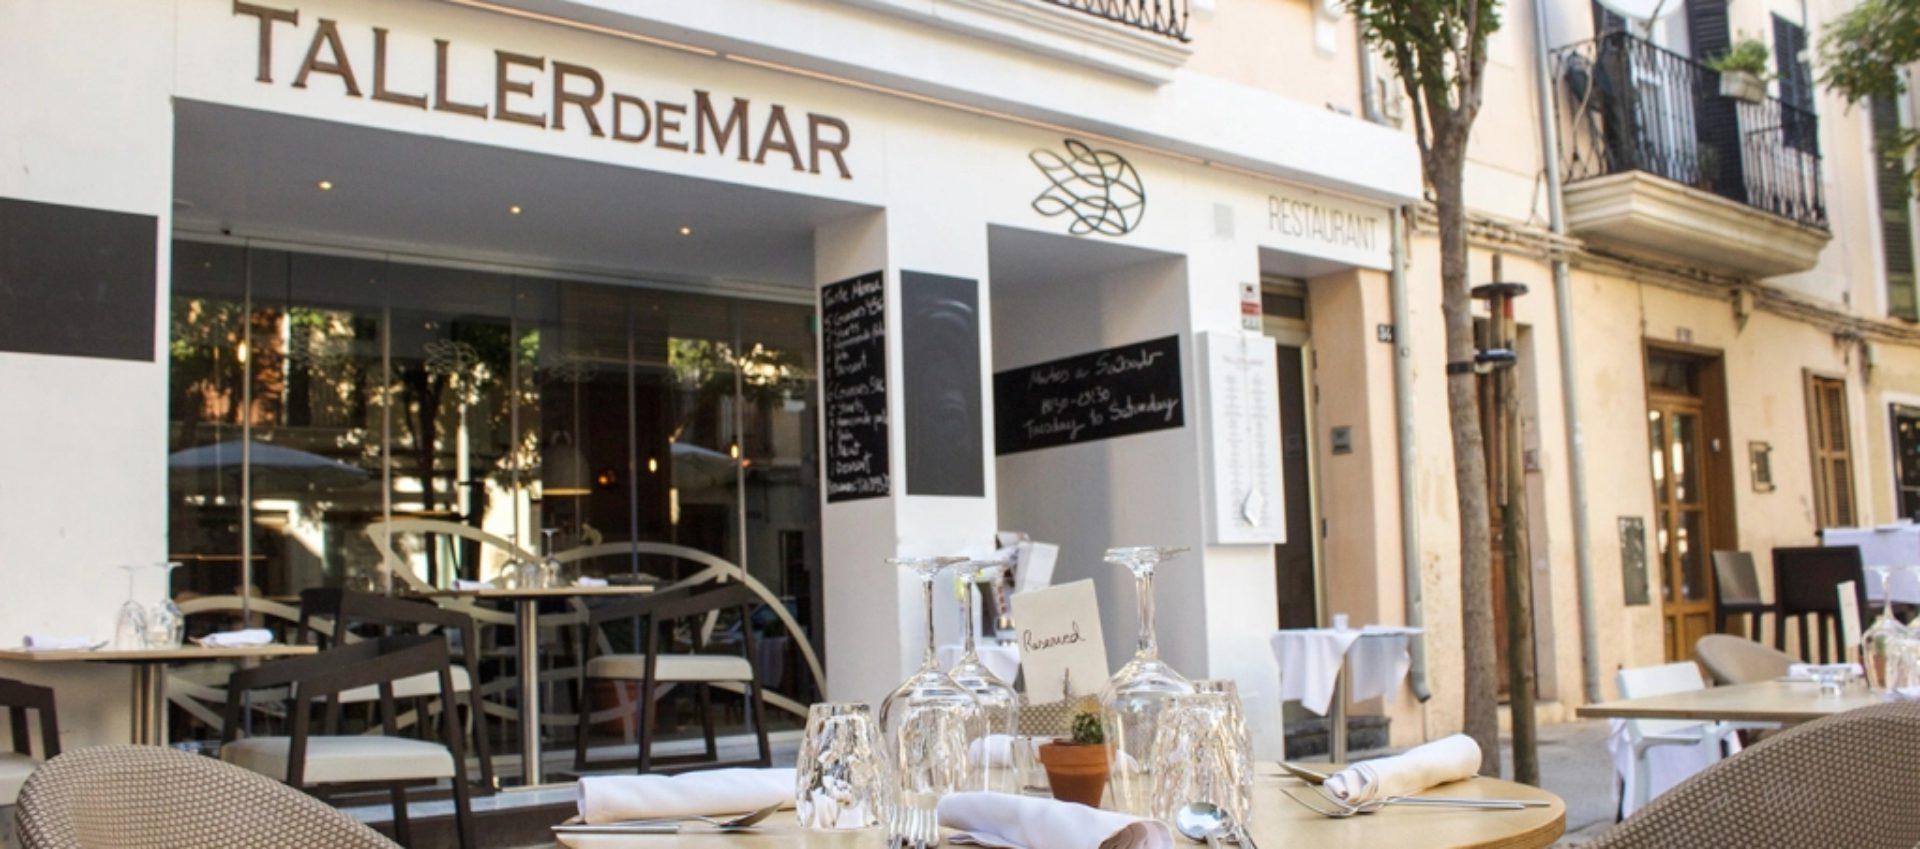 Taller-de-Mar Restaurante Palma-de-Mallorca